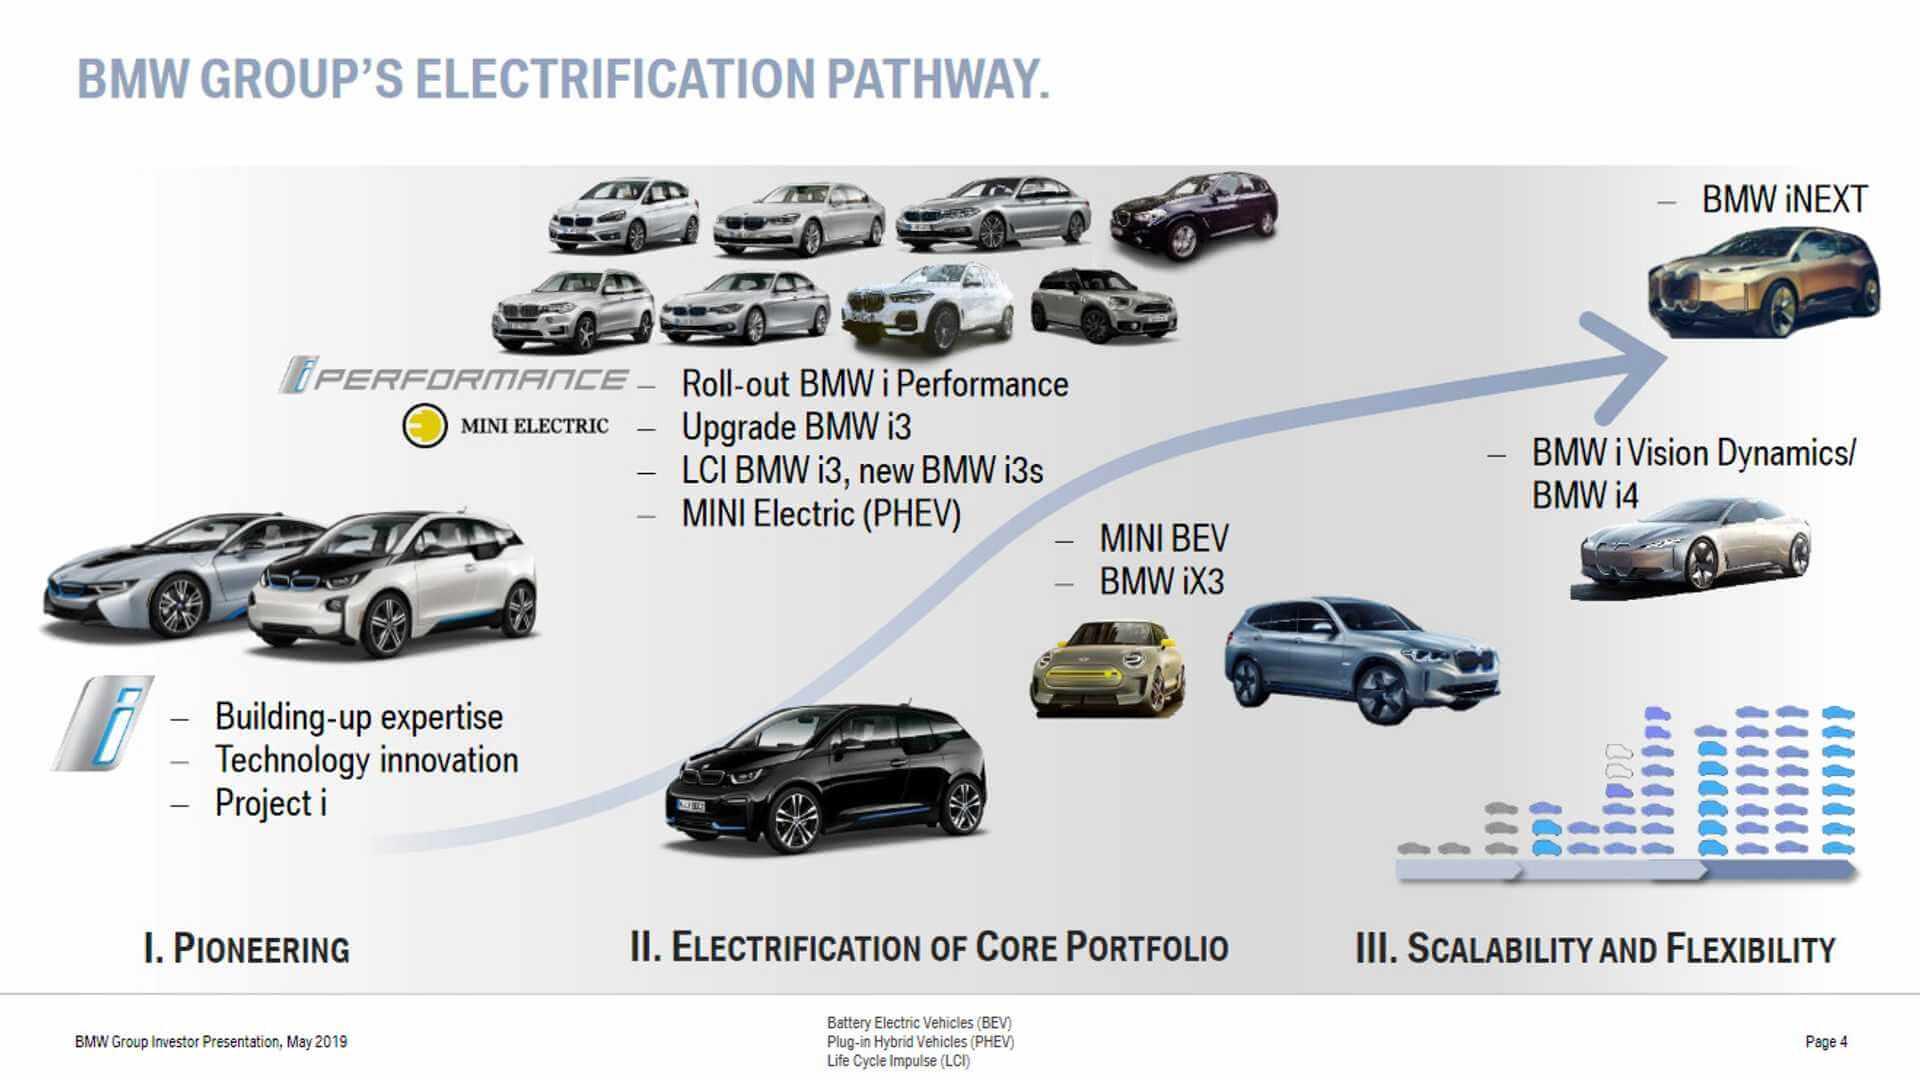 BMW выведет на рынок 25 электрифицированных автомобилей к 2025 году: 12 электромобилей и 13 гибридов